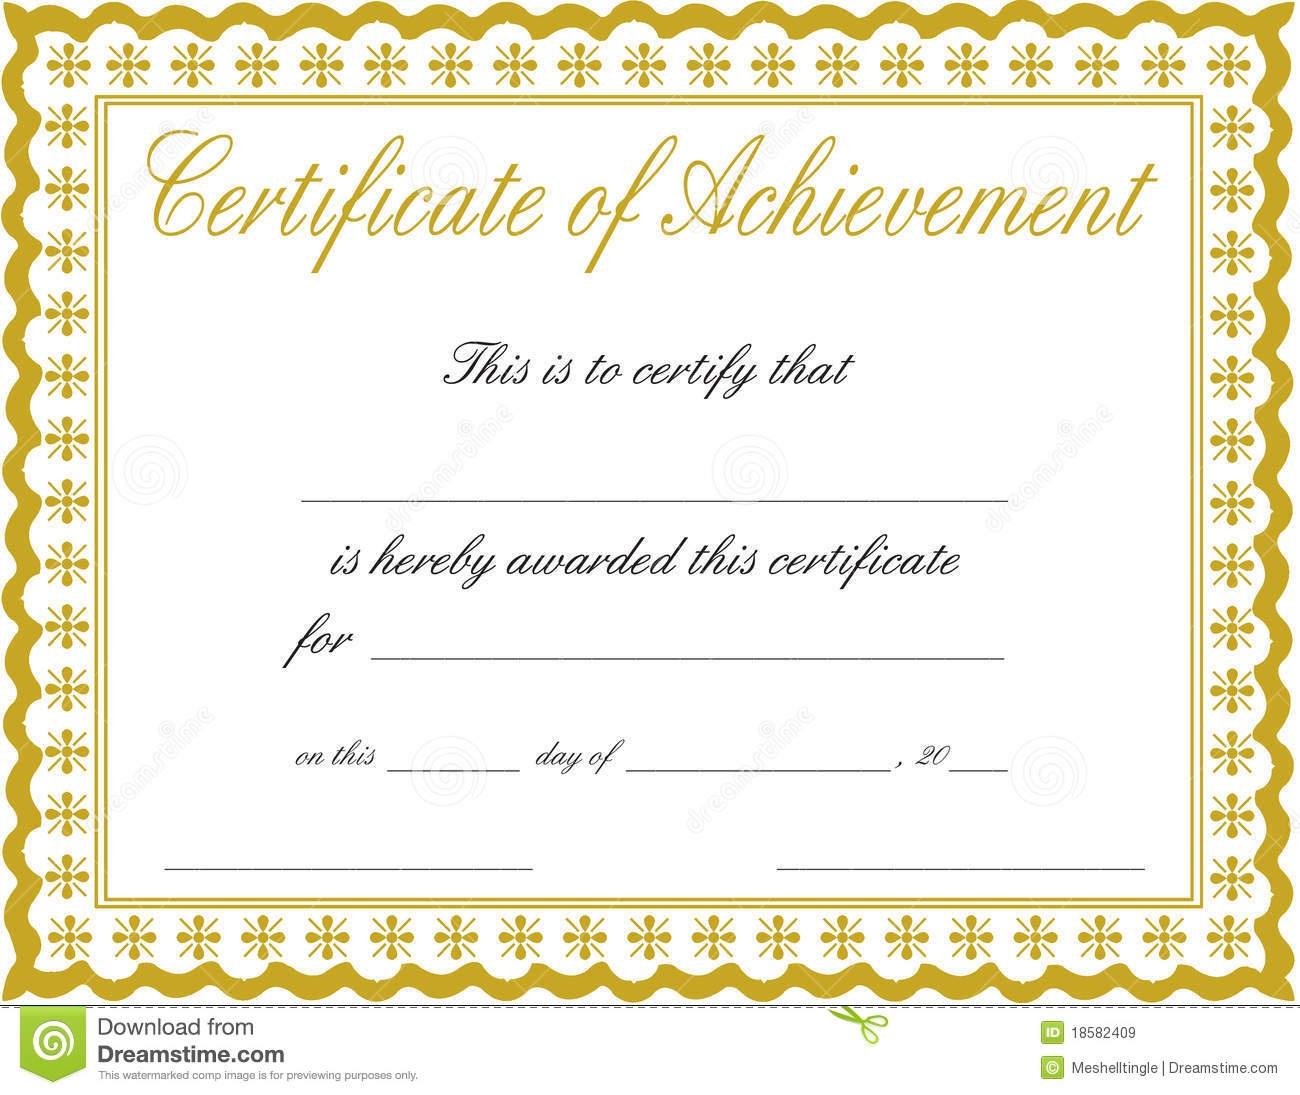 Docx-Achievement-Certificates-Templates-Free-Certificate-Of - Free Printable Certificates Of Achievement